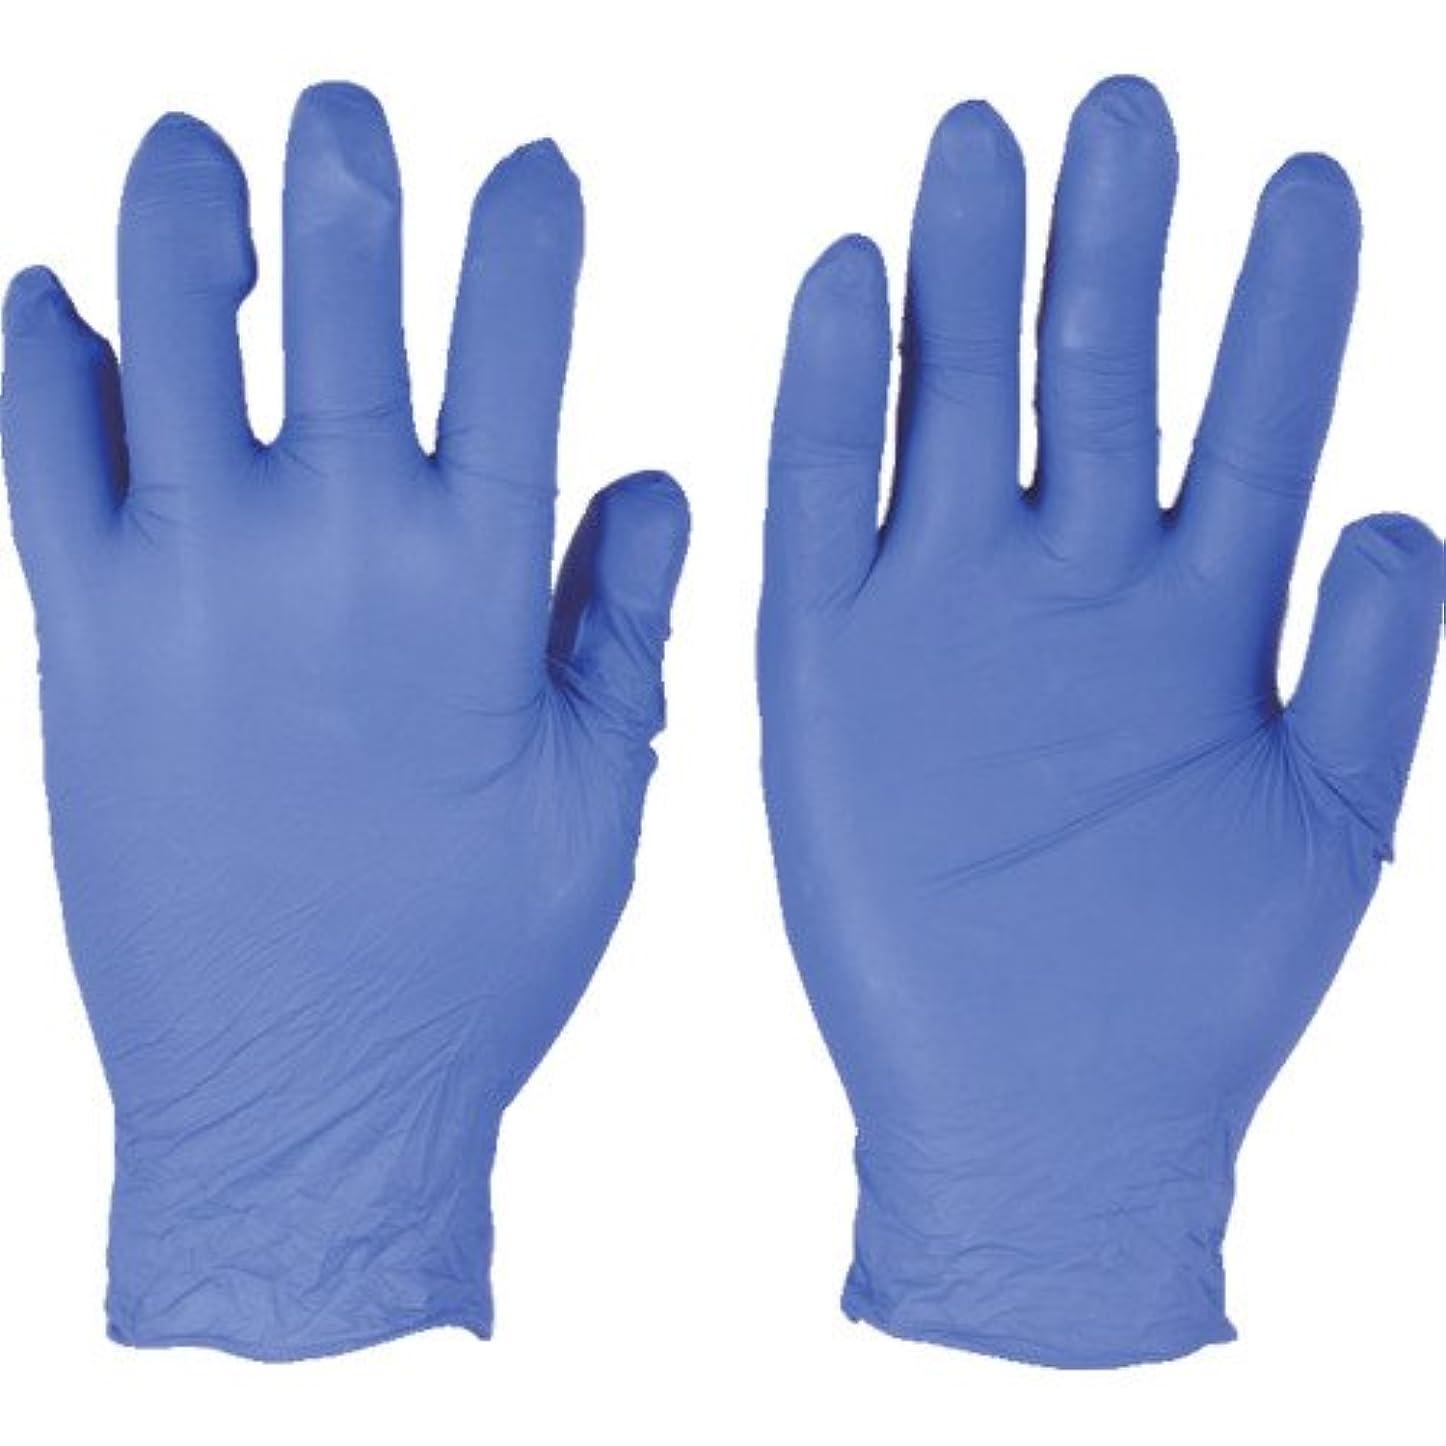 傷つきやすいバス排泄物トラスコ中山 アンセル ニトリルゴム使い捨て手袋 エッジ 82-133 Mサイズ(300枚入り)  (300枚入) 821338